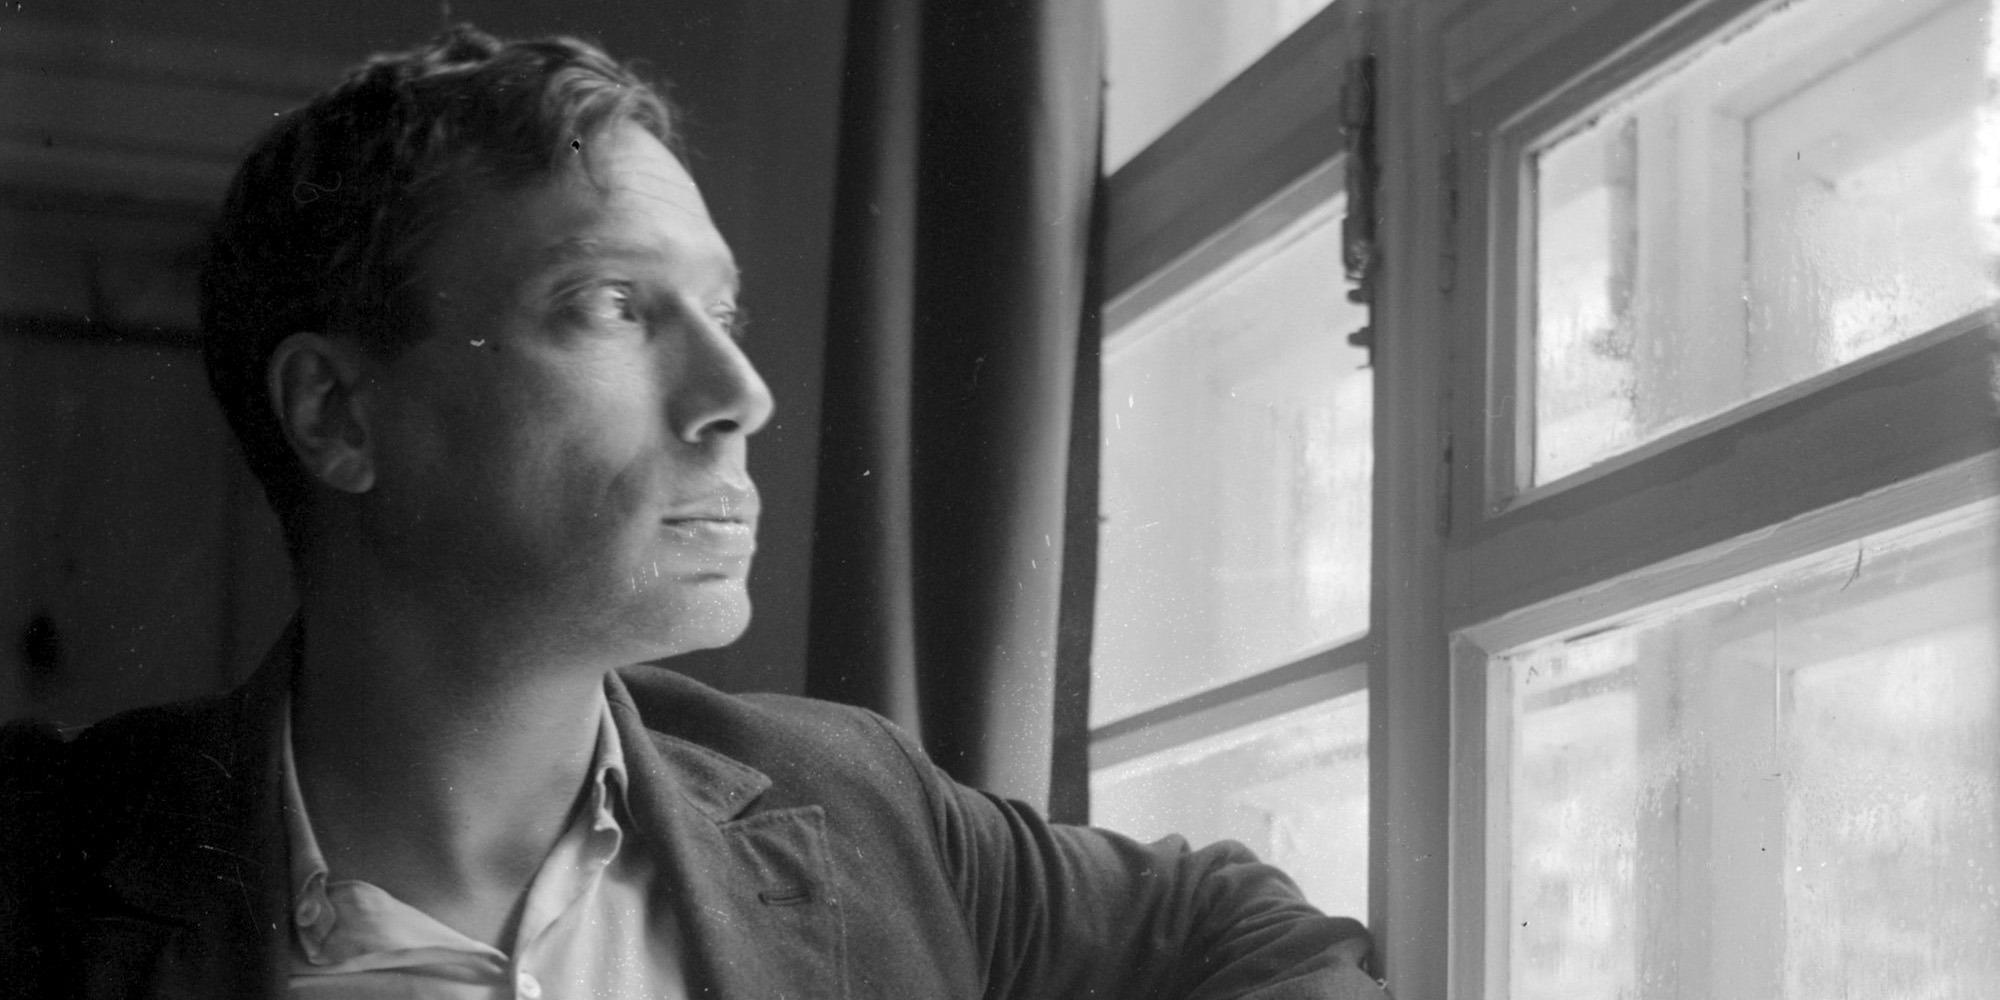 Всички ние сме станали хора дотолкова, доколкото сме се научили да обичаме и да разбираме другите – Борис Пастернак